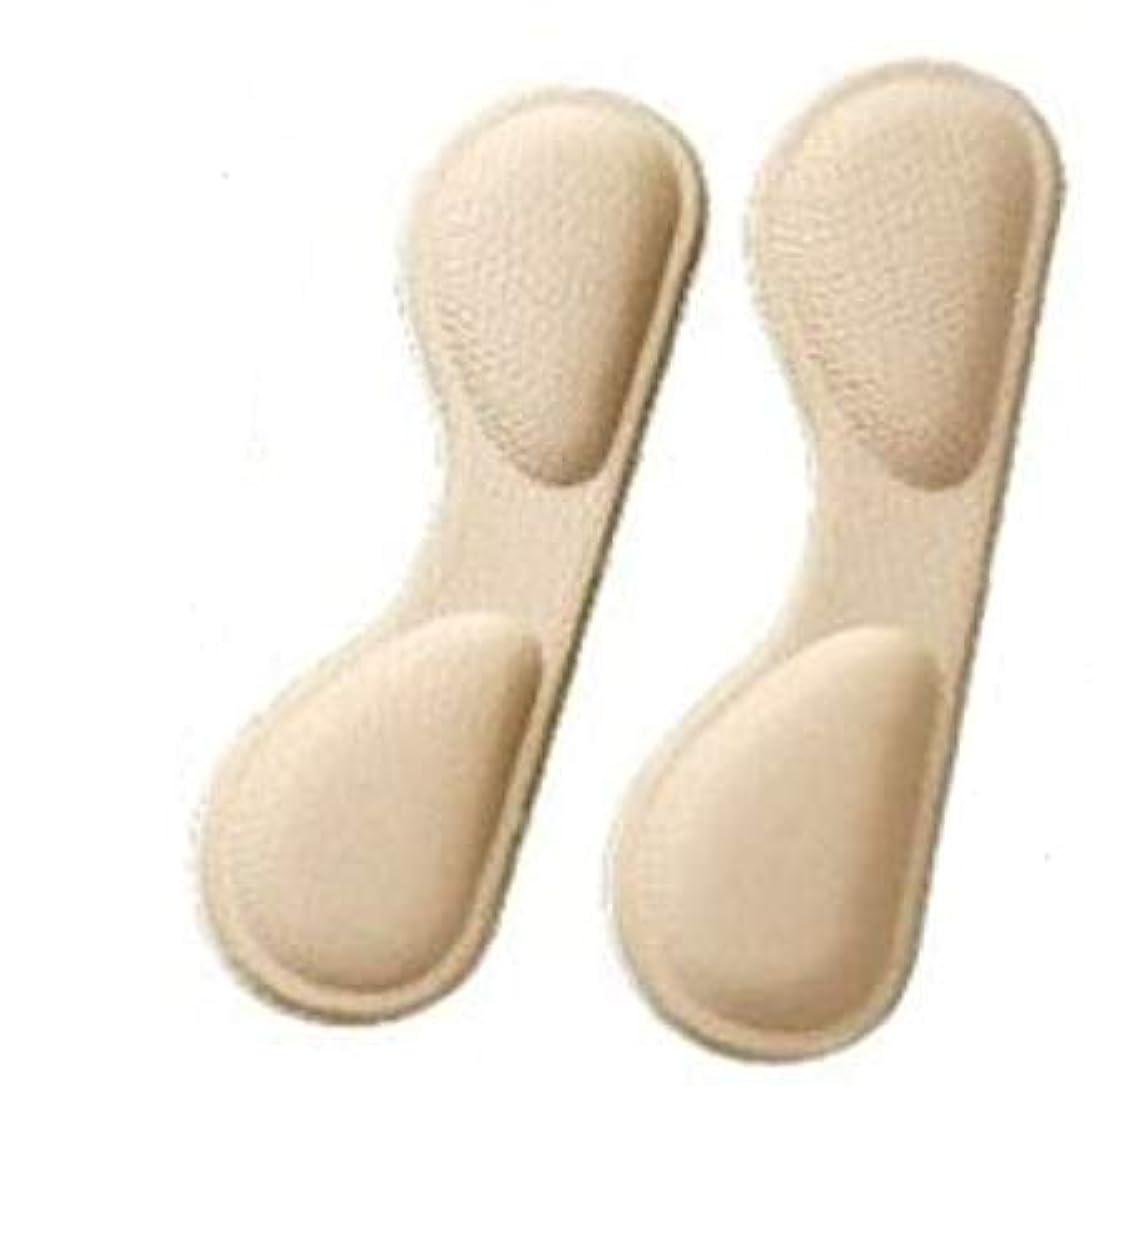 プロット利点ビジネス送料無料!WONDER LABO》やわらか 靴ずれ防止パッド 靴 かかと 脱げ 防止 踵 ヒール 柔らか素材 フットケア シューズケア インソール サポーター 肉厚 パカパカ 靴擦れ 防止パット (ベージュ)